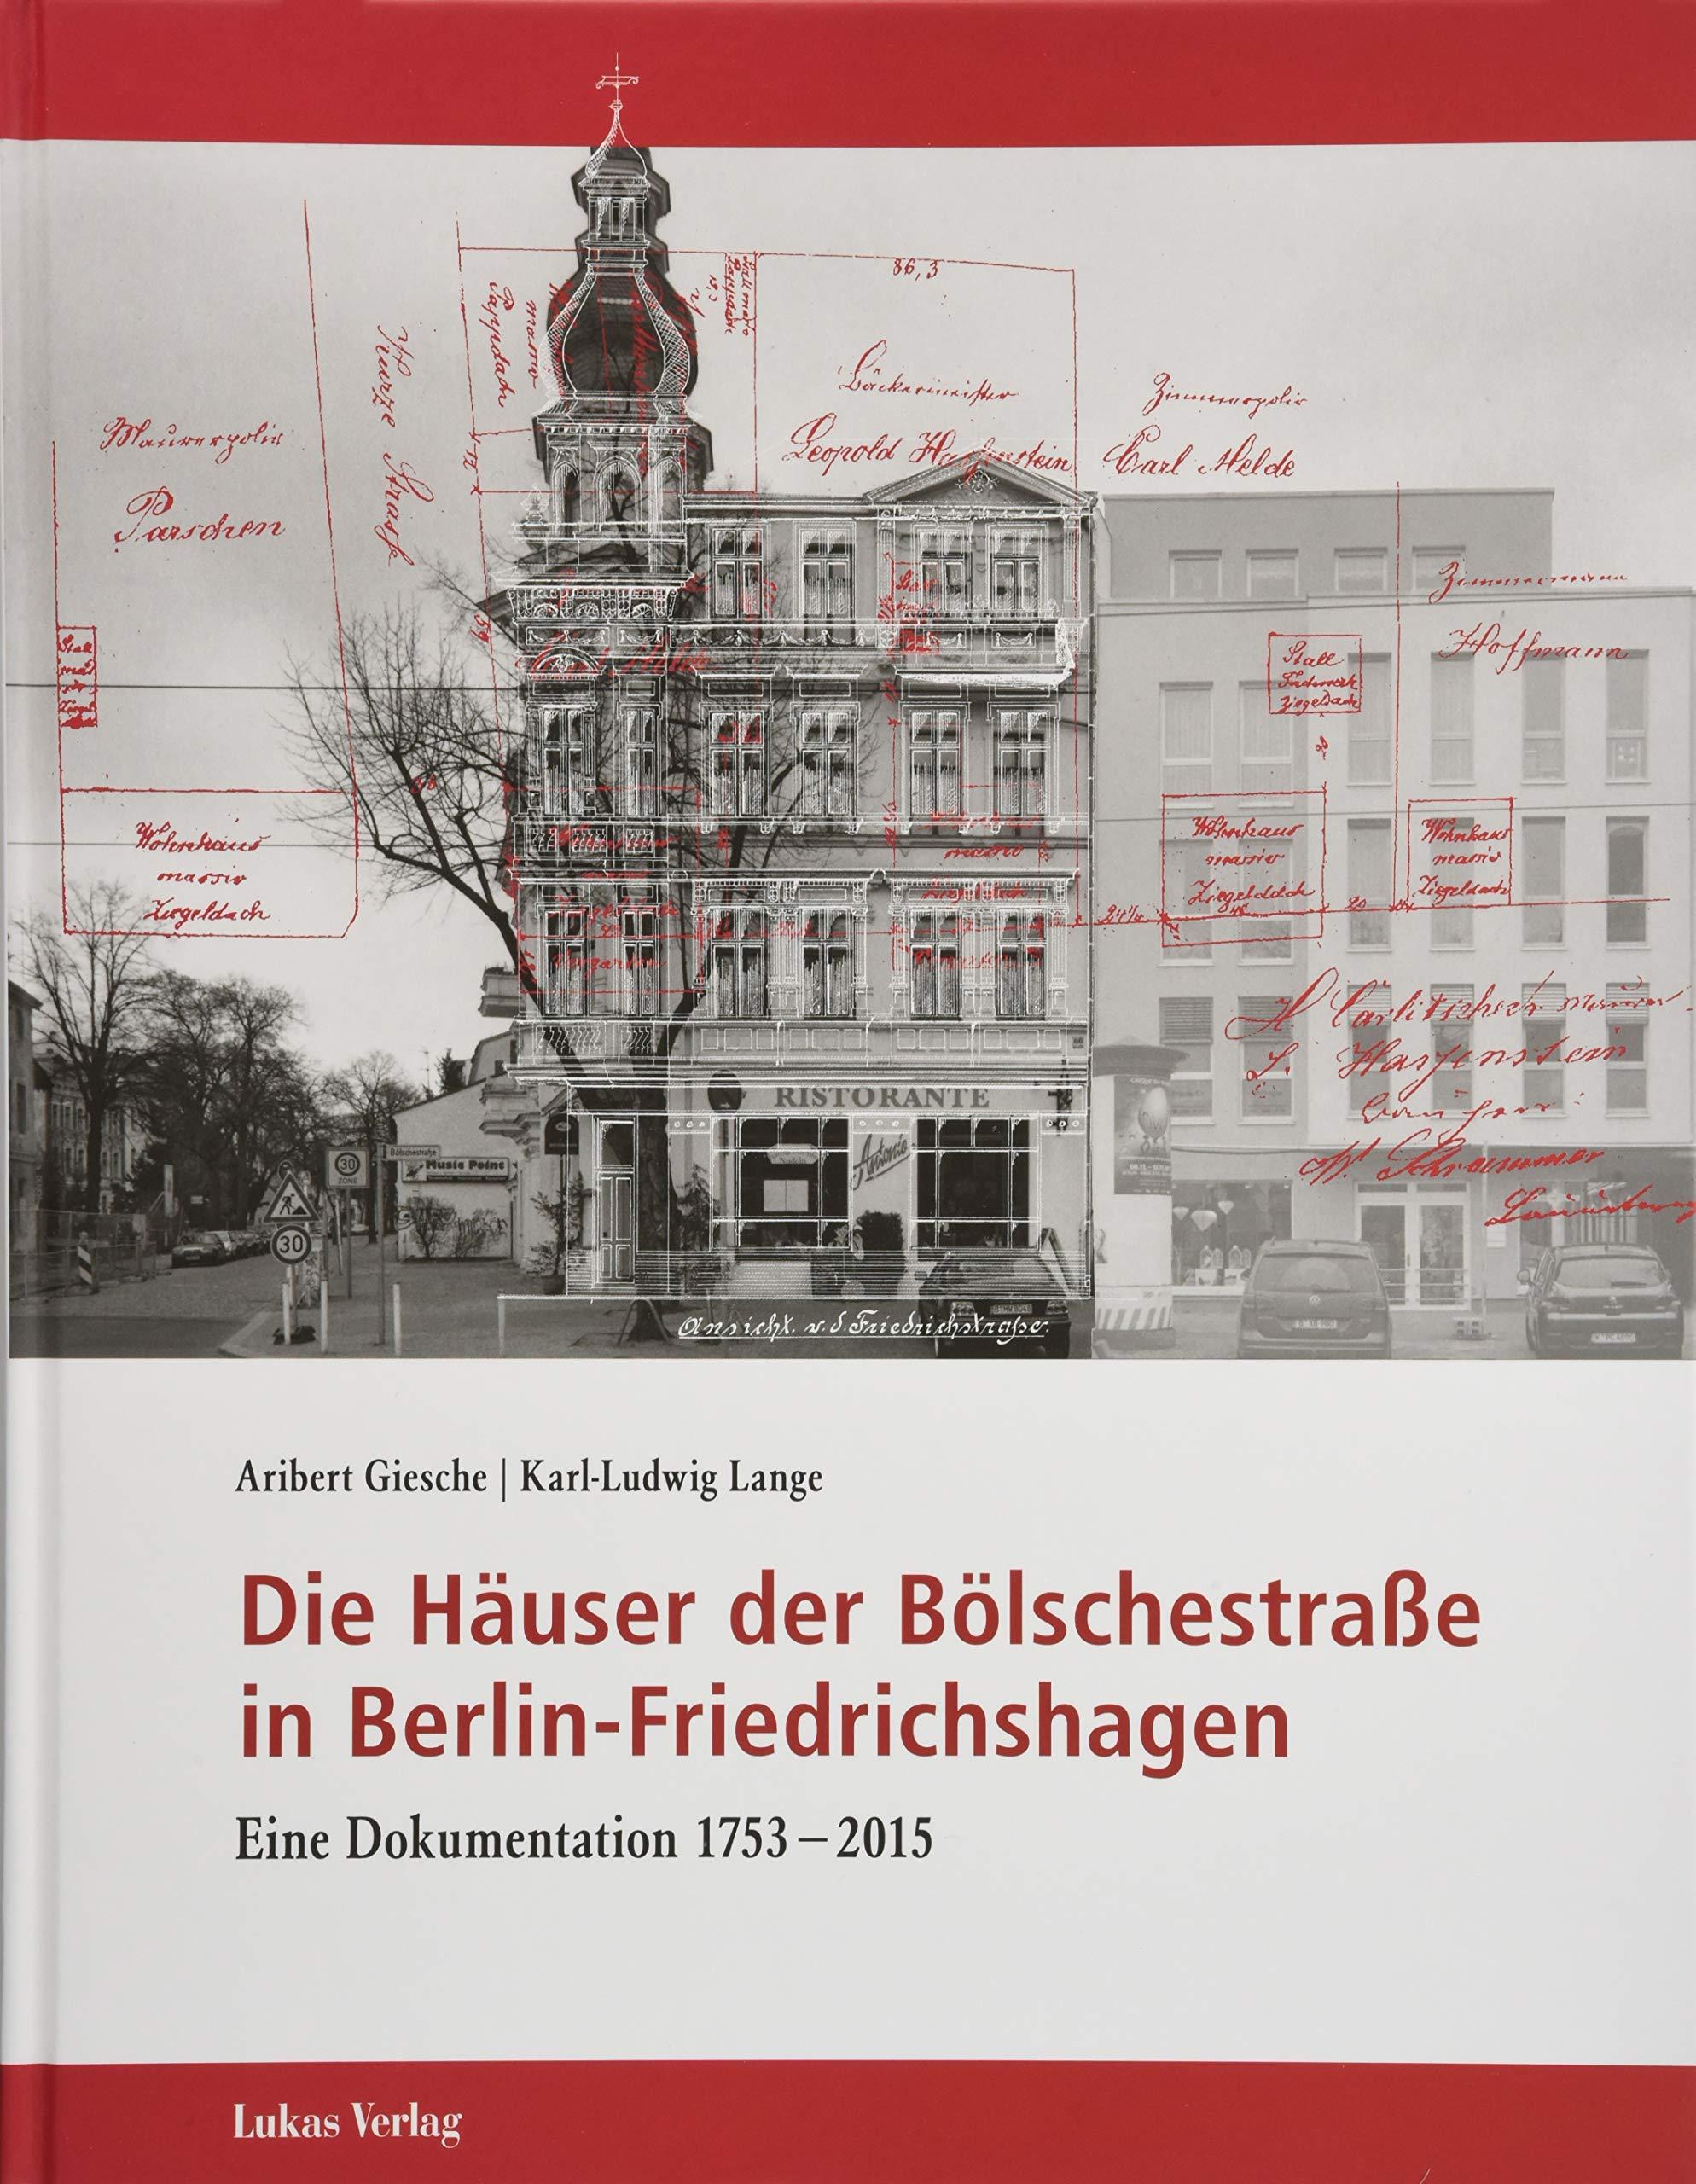 Die Häuser der Bölschestraße in Berlin-Friedrichshagen: Eine Dokumentation 1753–2015 (Schriften der Landesgeschichtlichen Vereinigung für die Mark Brandenburg, Neue Folge)